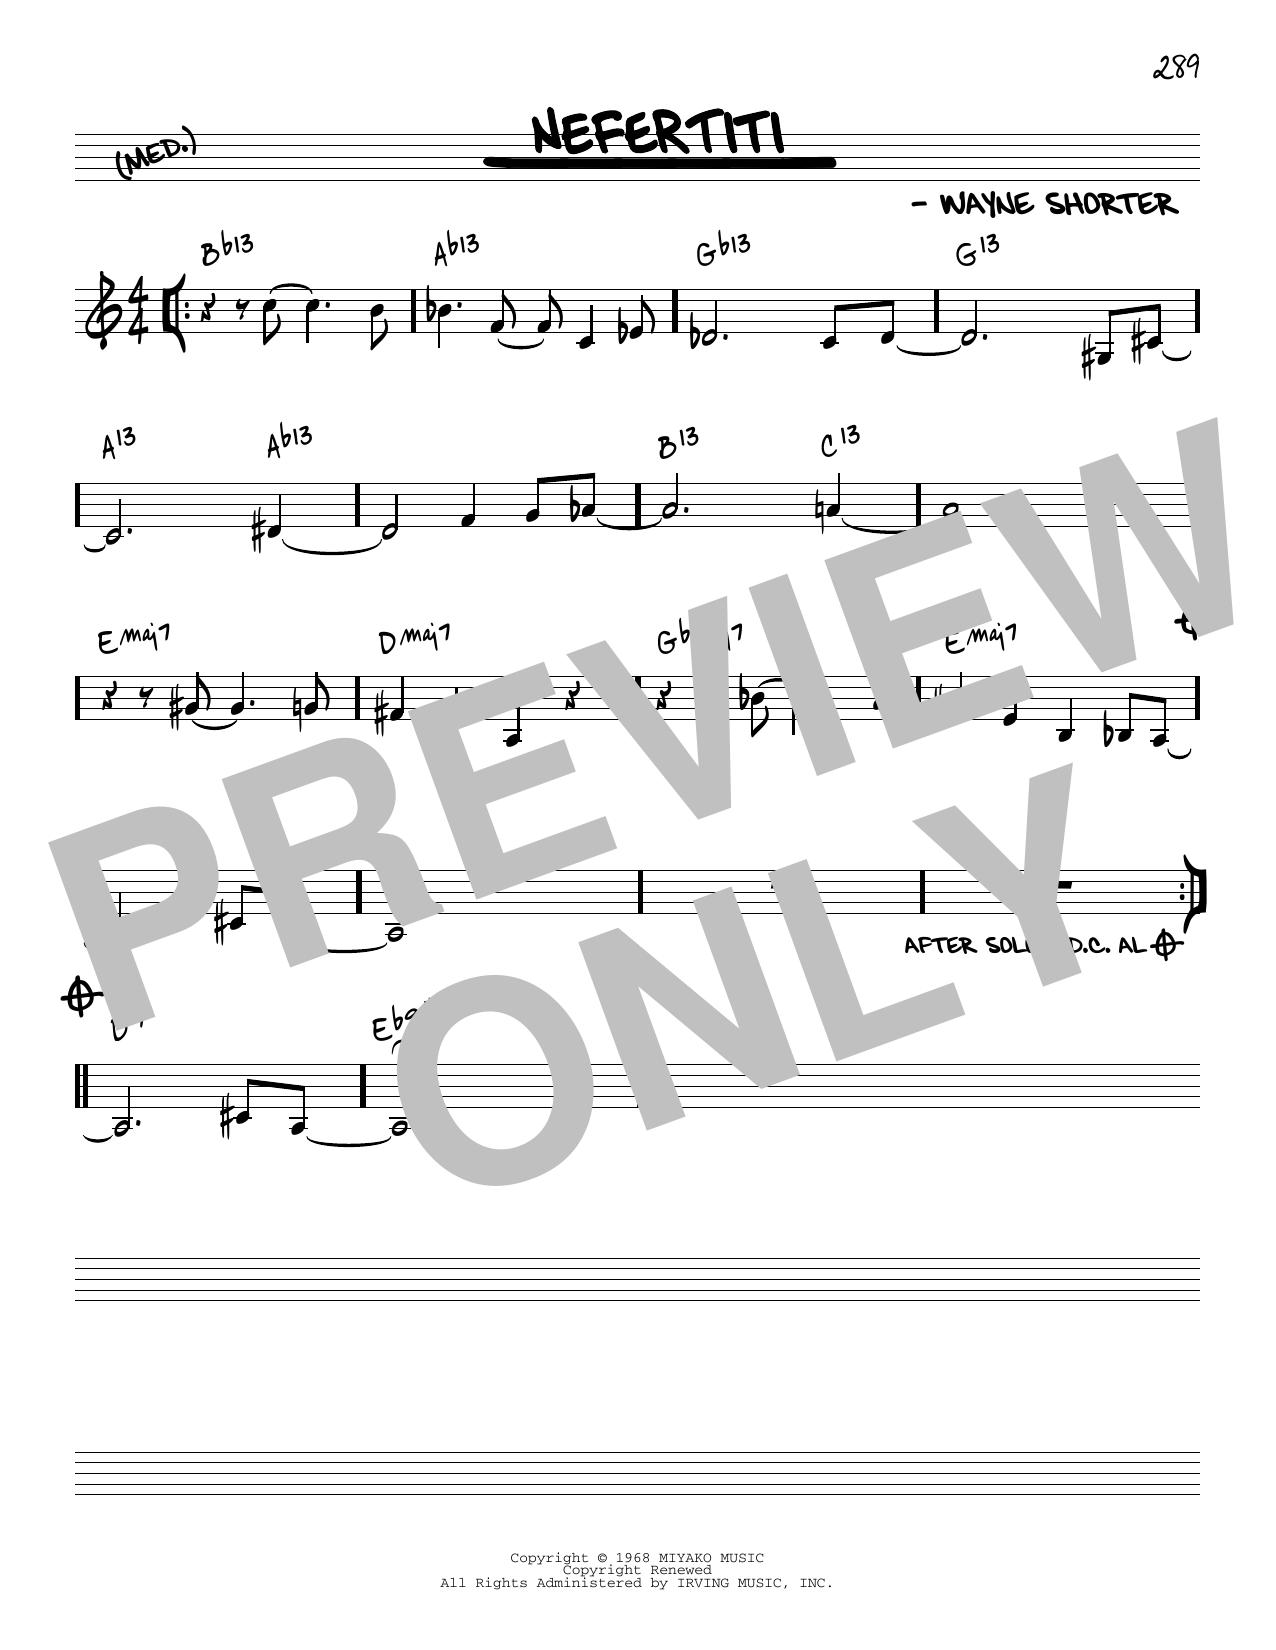 Wayne Shorter Nefertiti [Reharmonized version] (arr. Jack Grassel) sheet music notes printable PDF score